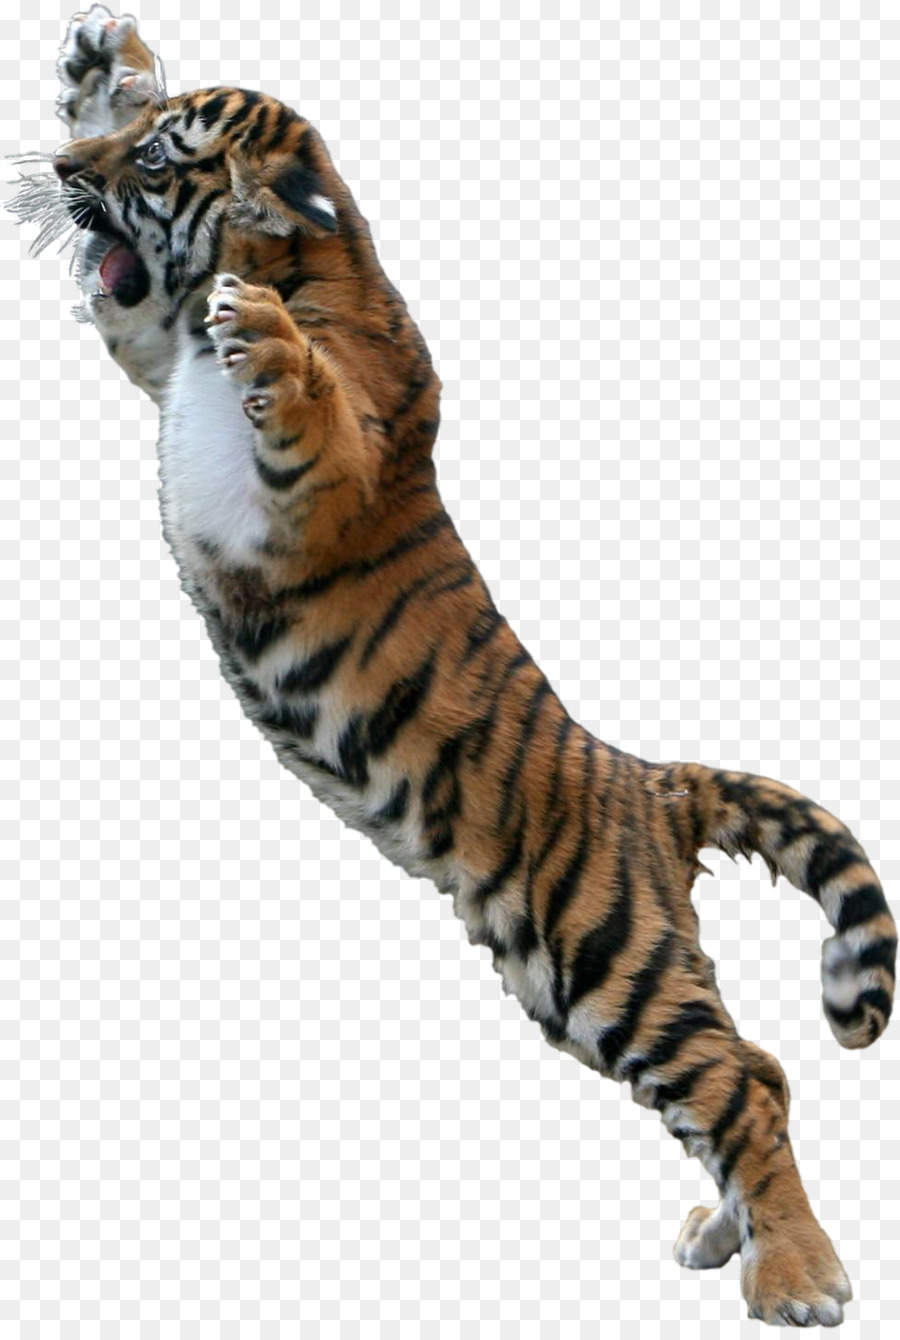 Gambar Harimau Png : gambar, harimau, Kucing,, Harimau, Putih,, Desktop, Wallpaper, Gambar, 900x1340, Download, WallpaperTip